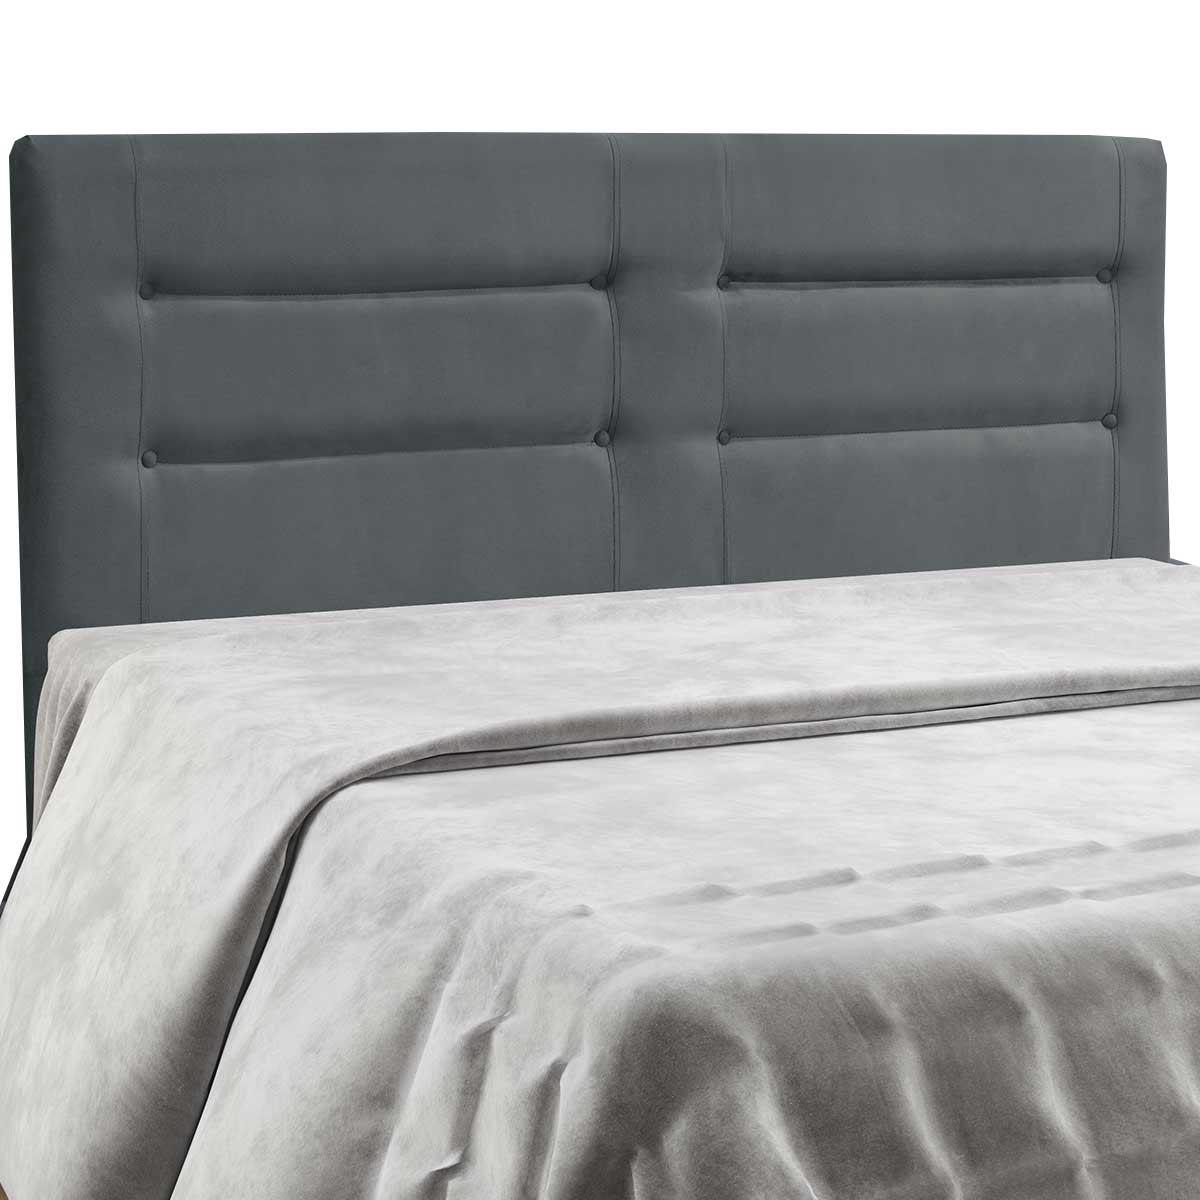 Cabeceira Atenas Casal 140 cm Cinza Escuro Simbal